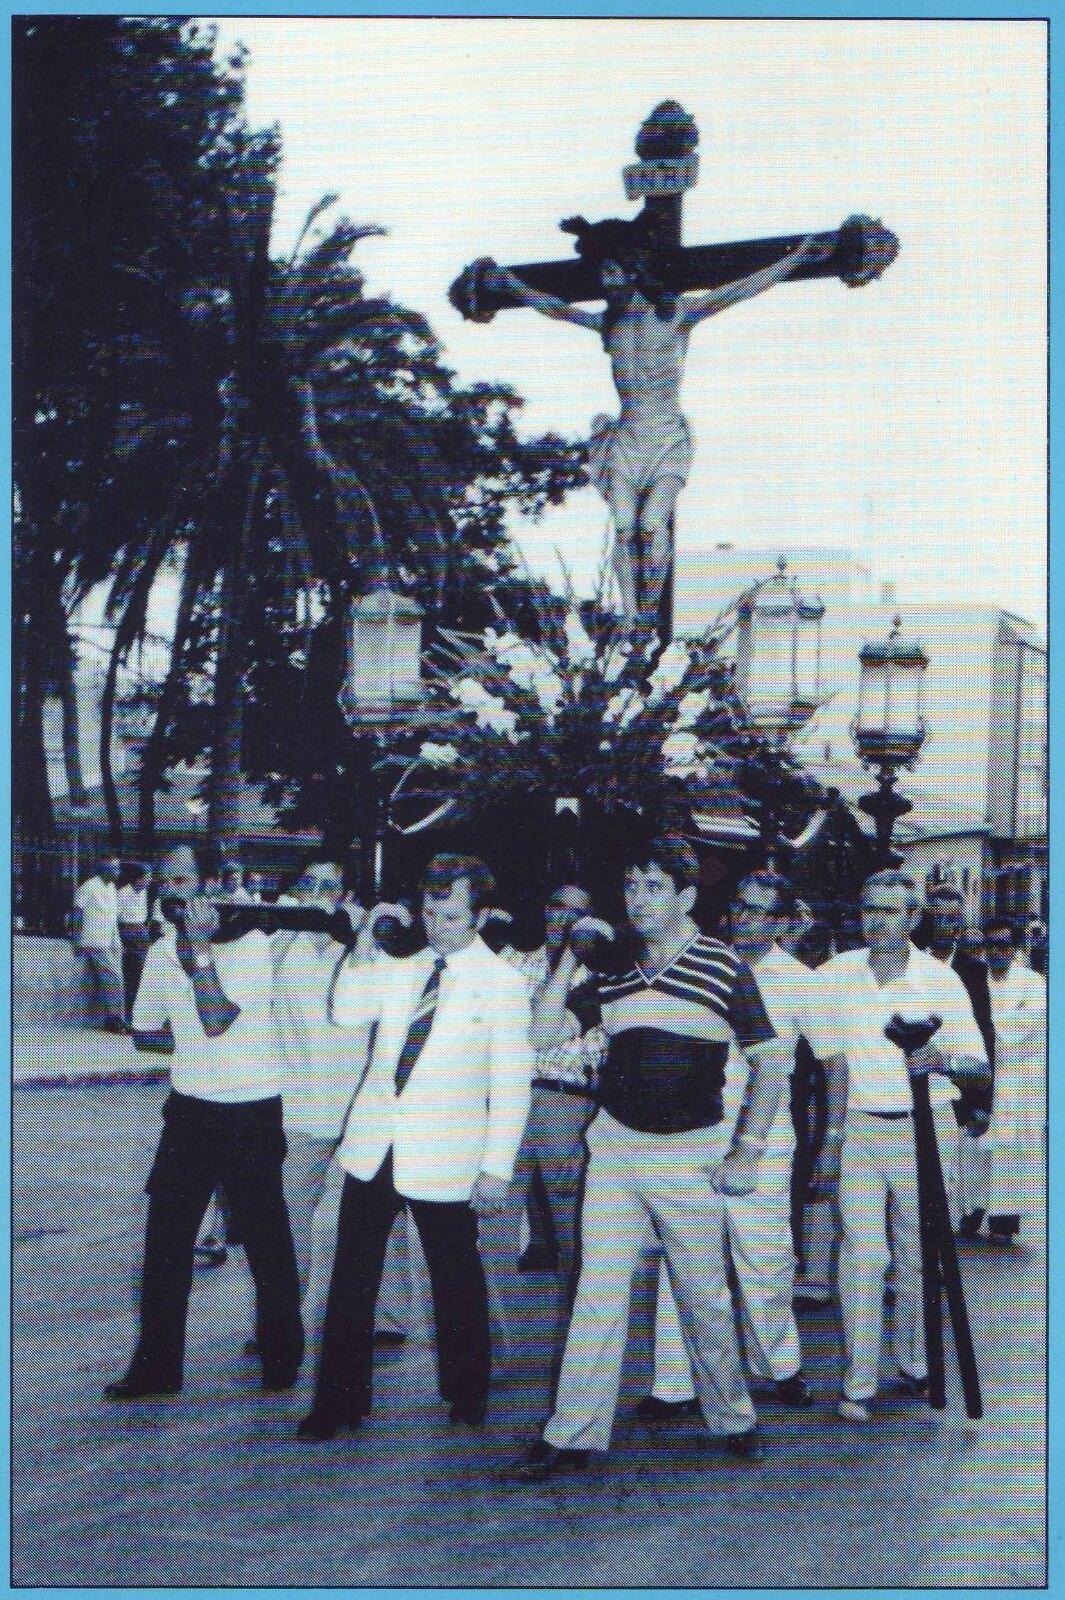 (Año 1984) - ElCristo - Fotografias Historicas - (01)